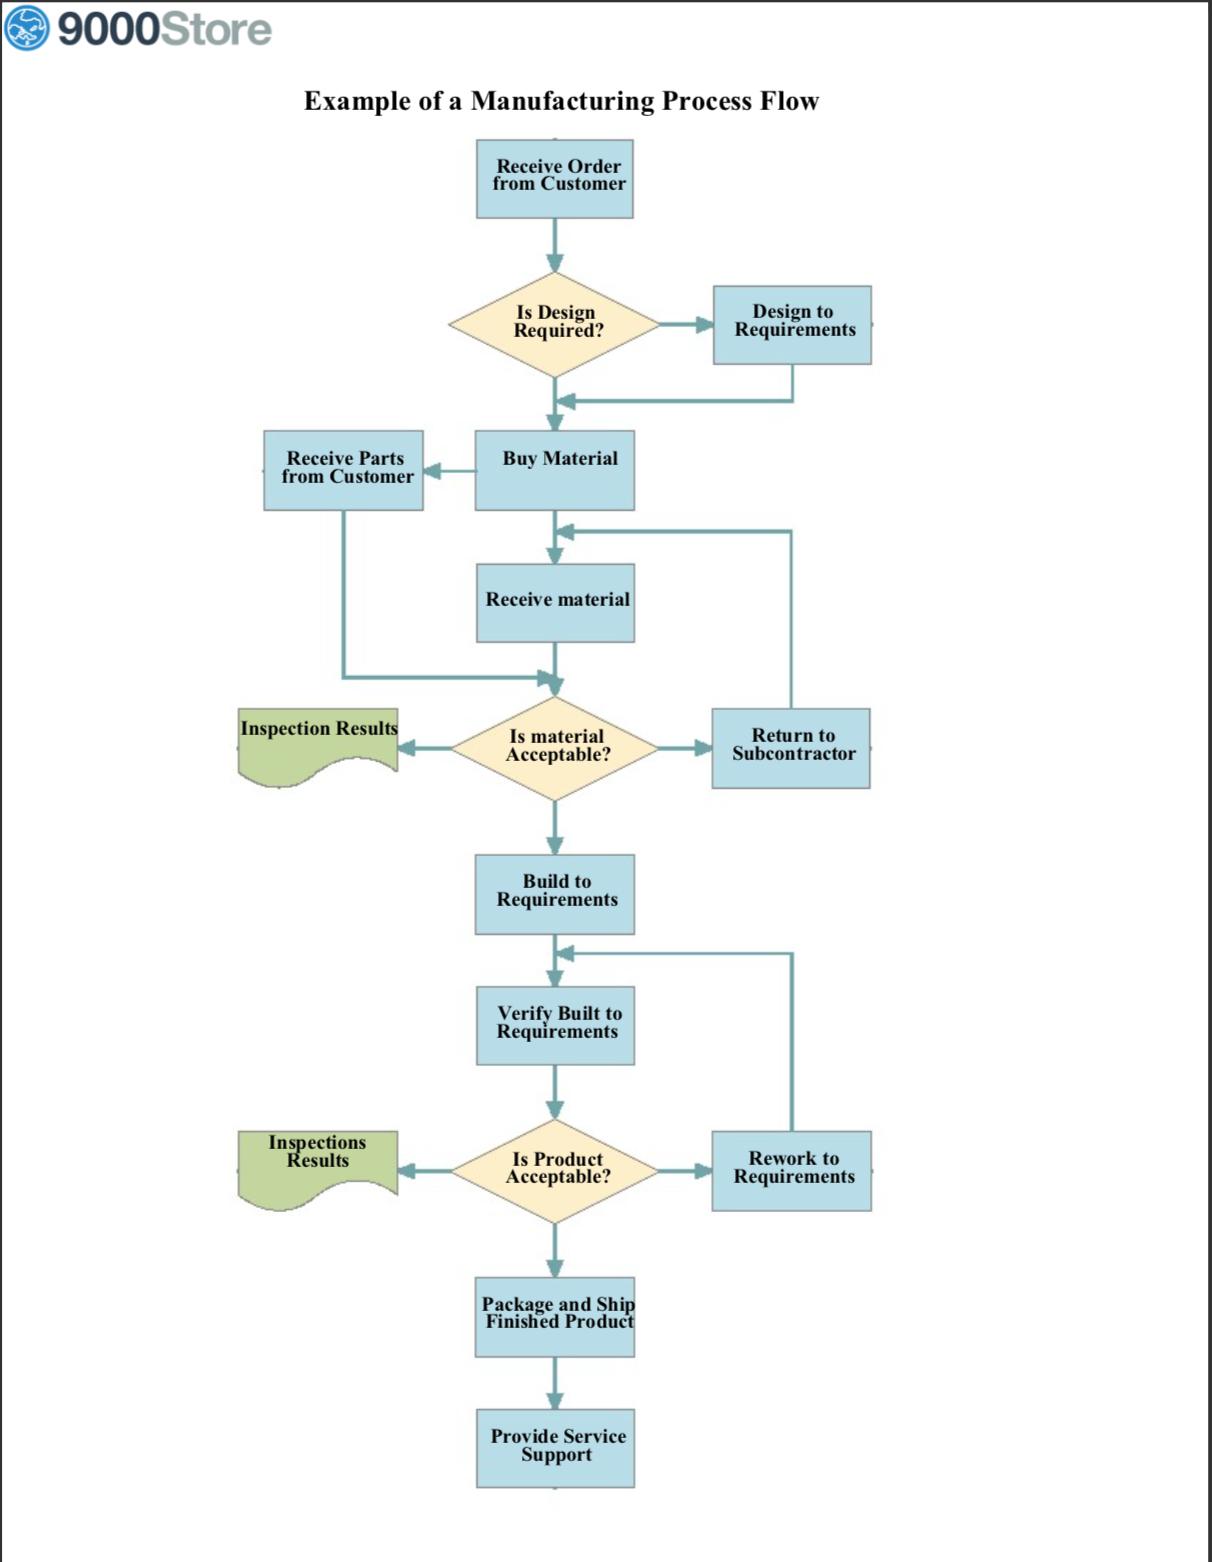 Process Flow Diagram Process Flow Diagram Iso 9001 Wiring Diagram Srconds